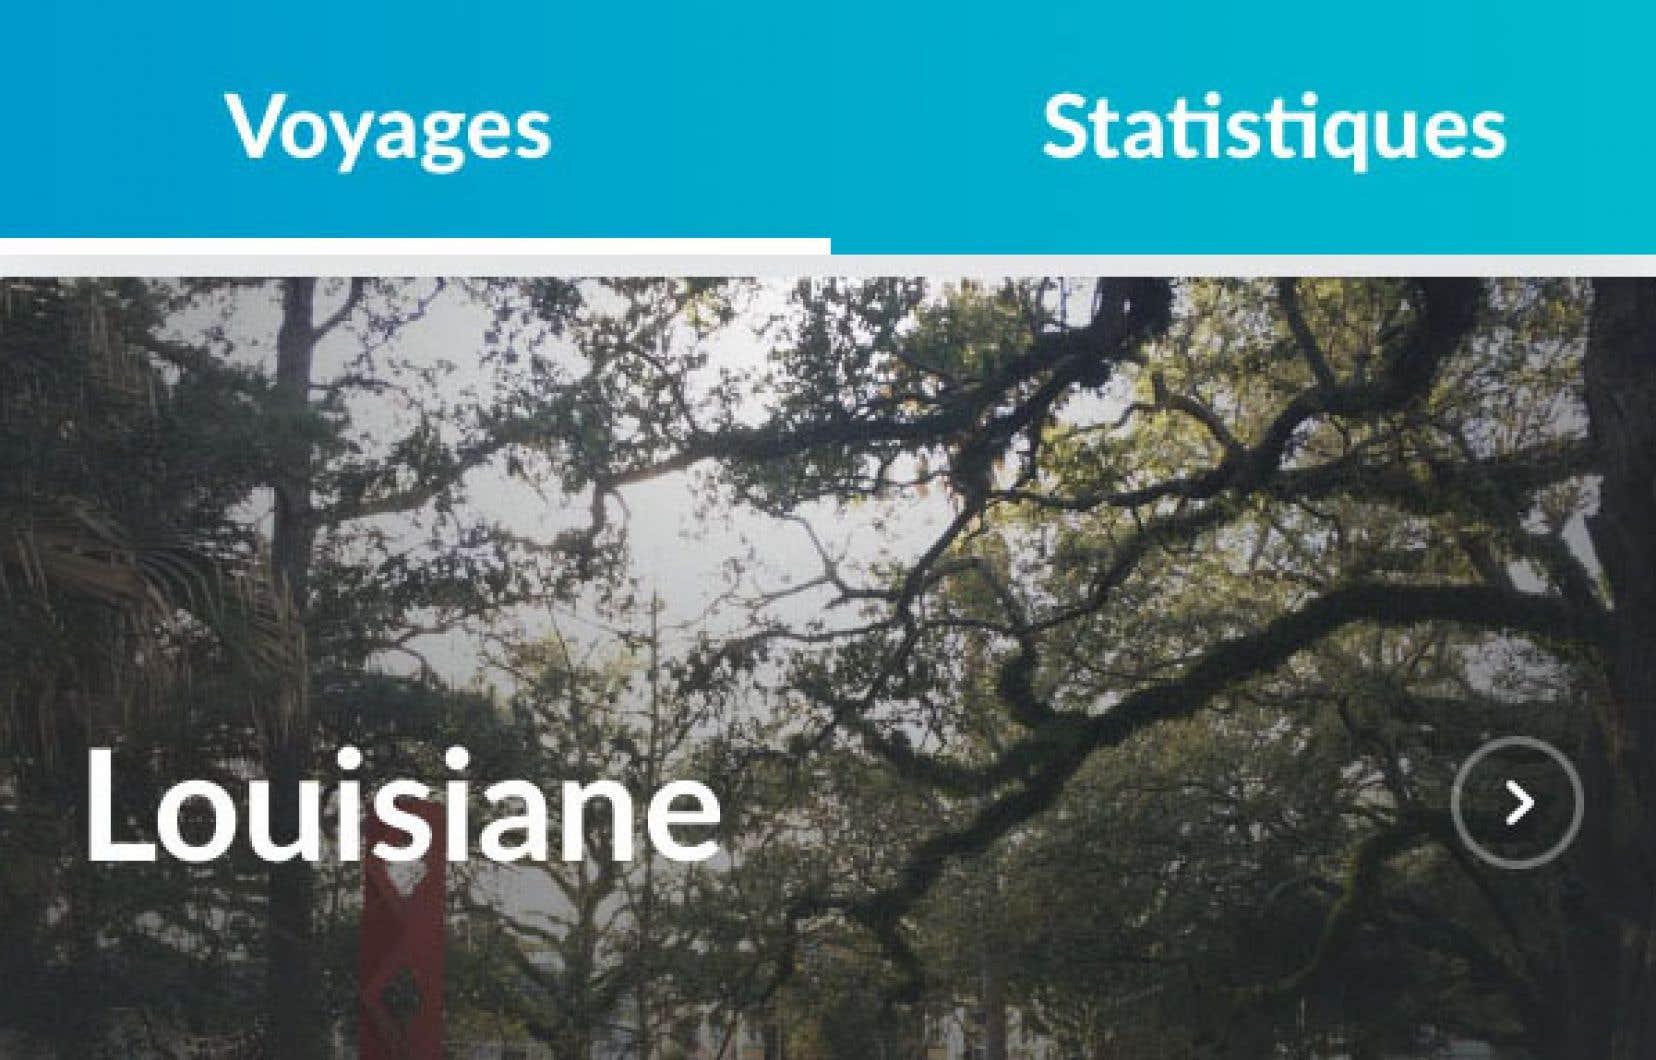 Dès son installation, l'application Polarsteps peut déterminer à partir des photos déjà sur votre appareil les destinations visitées.